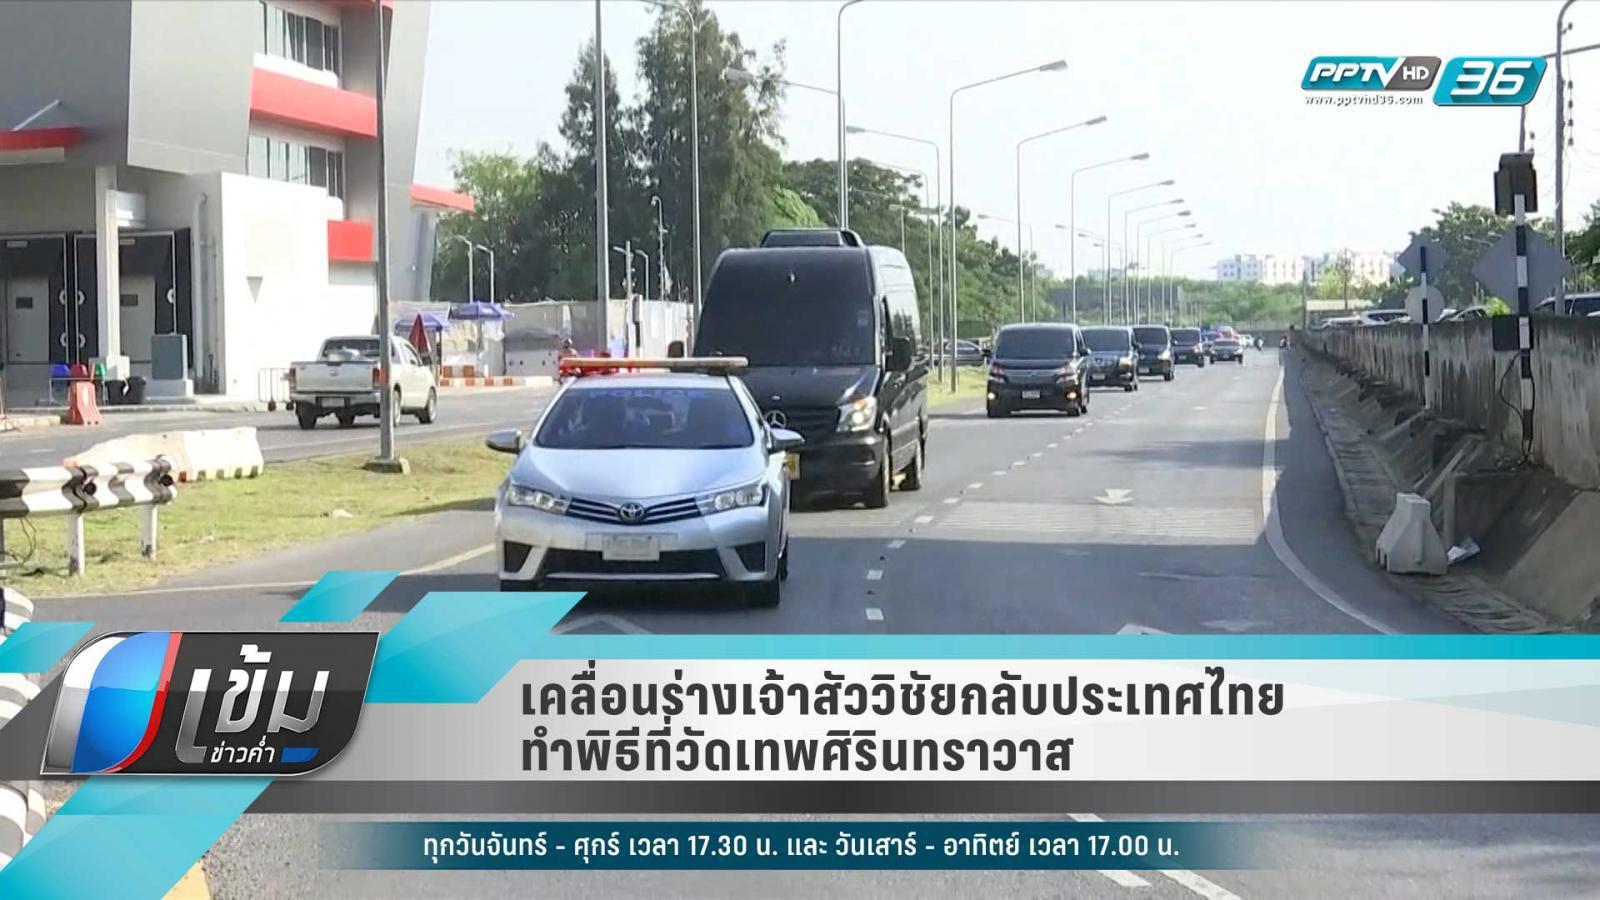 เคลื่อนร่างเจ้าสัววิชัยกลับประเทศไทย ทำพิธีที่วัดเทพศิรินทราวาส